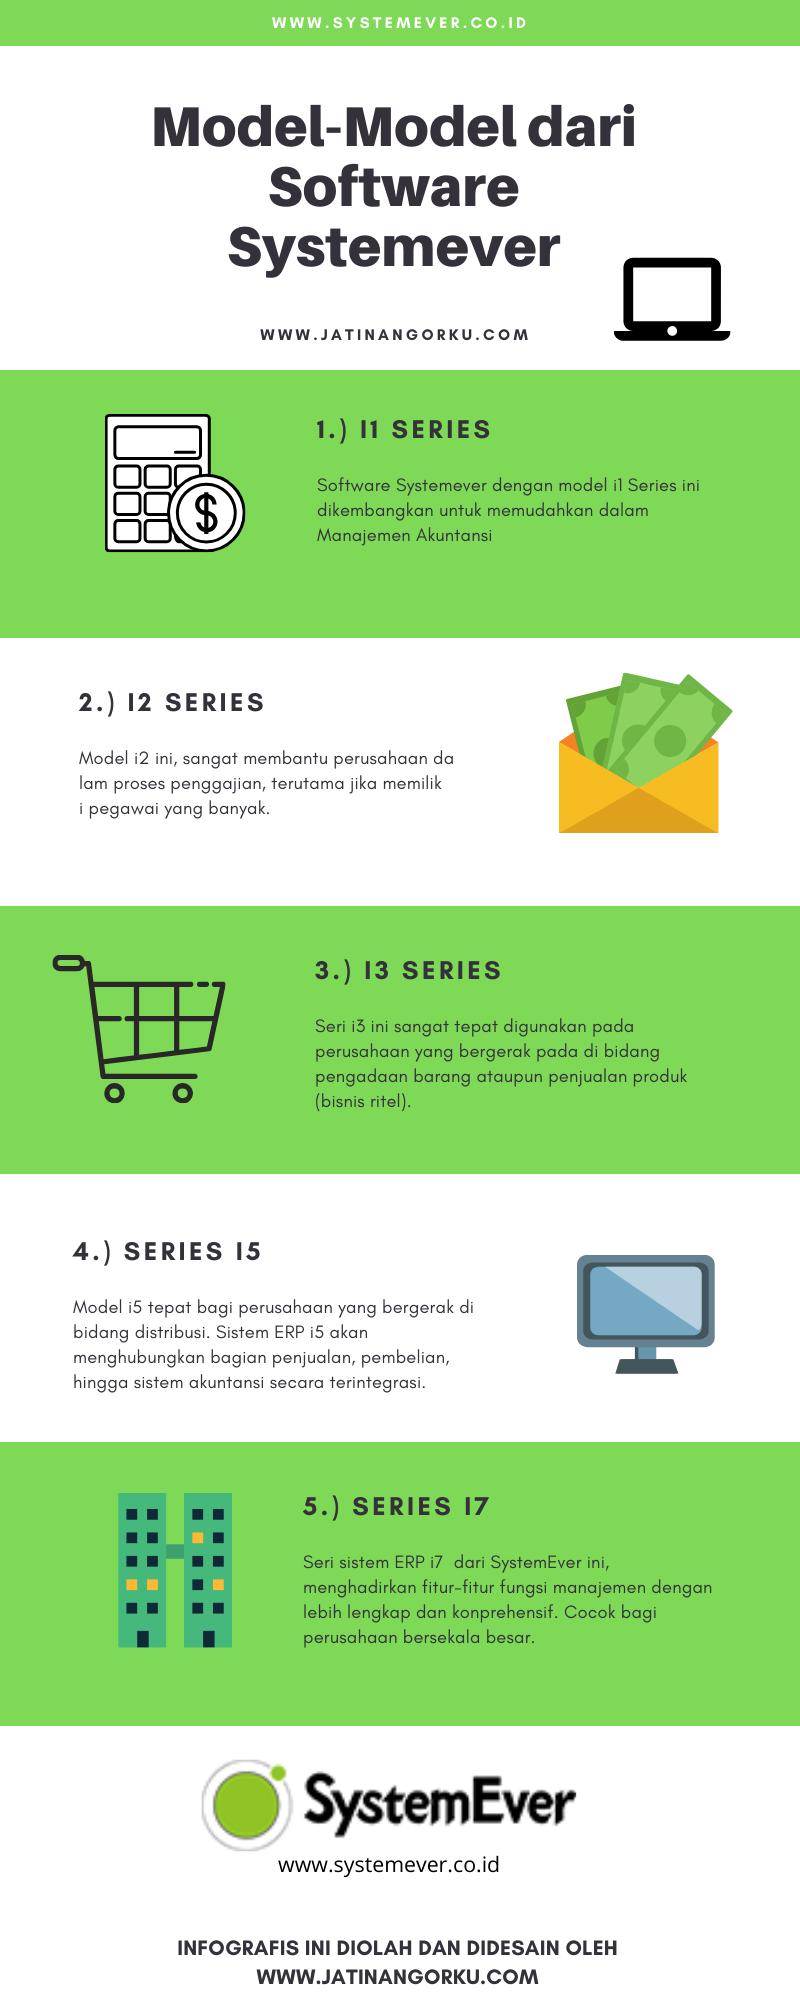 [Infografis] Produk SystemEver Berdasarkan 5 Model dan Kegunaannya